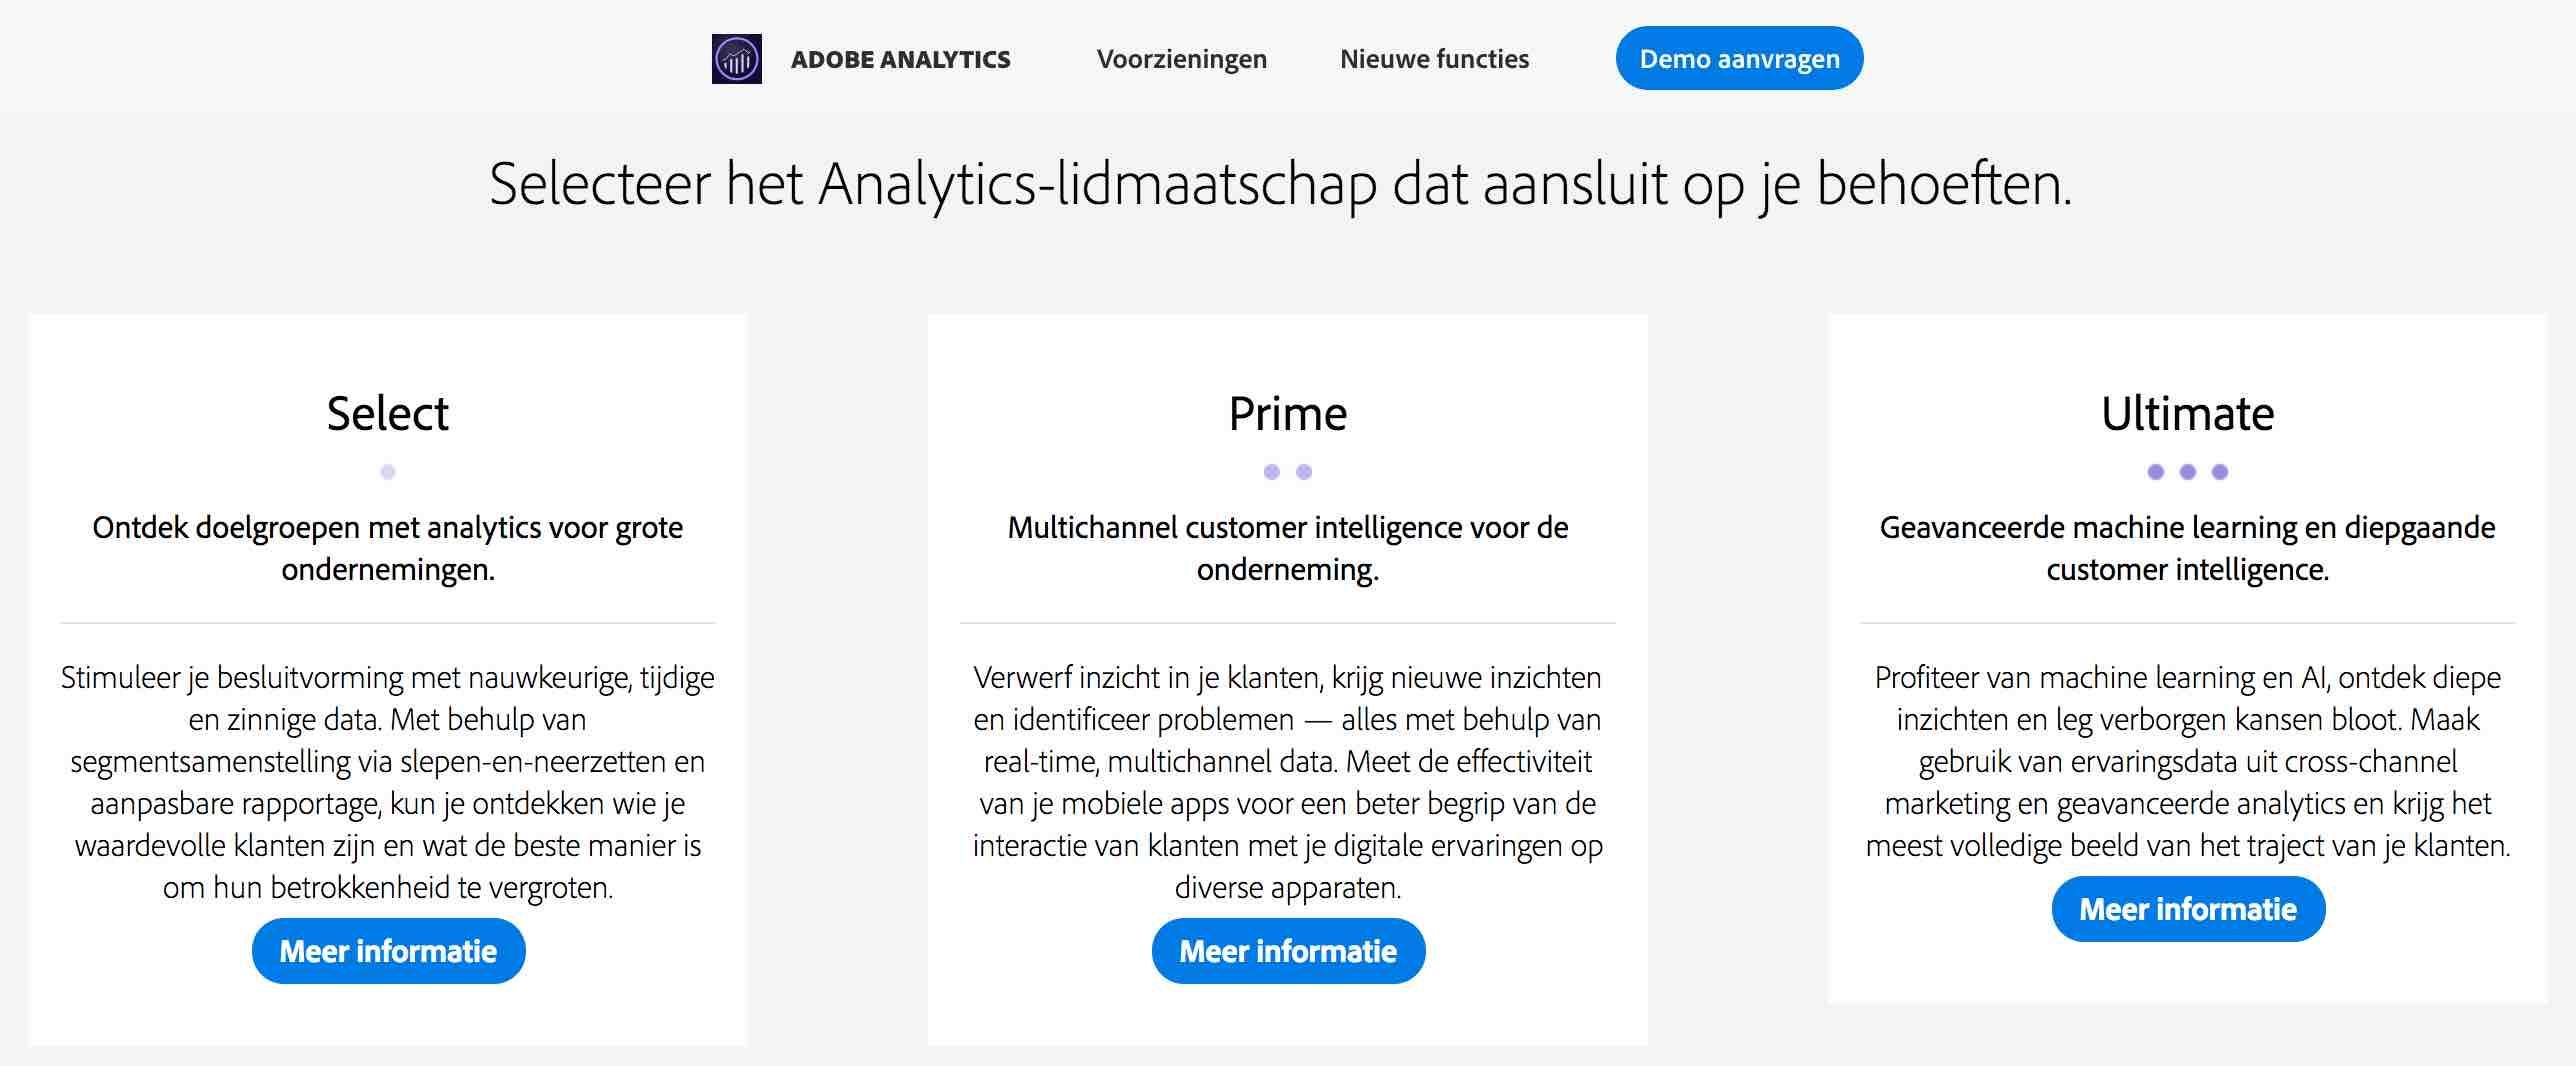 Adobe verkoopt Analytics producten in drie varianten